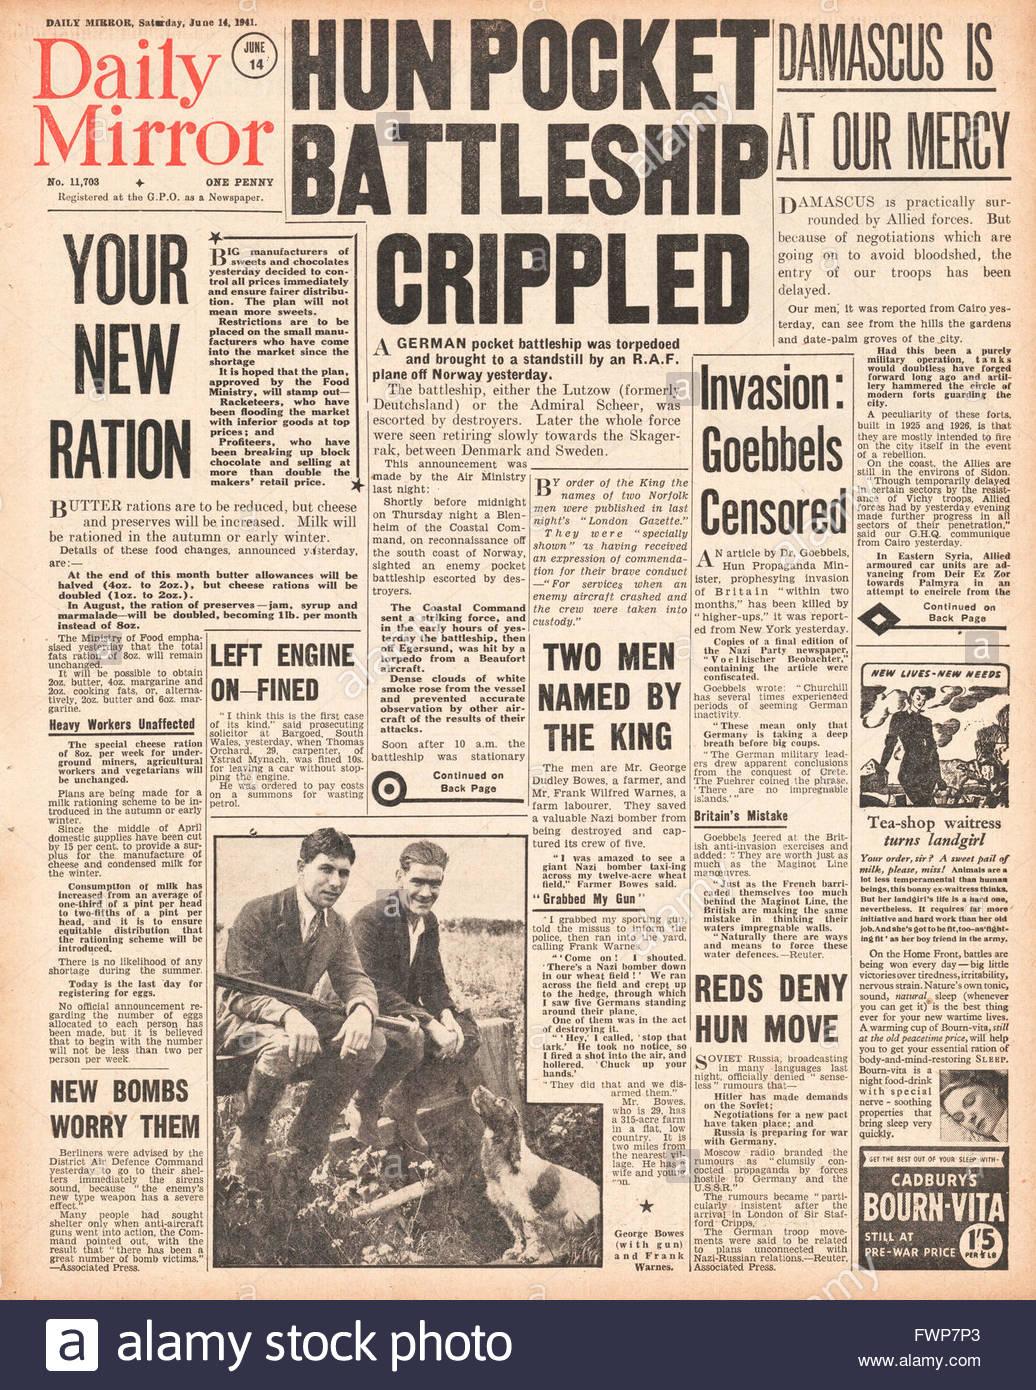 1941 Titelseite Daily Mirror britische Flugzeuge zu torpedieren und Krüppel deutscher Tasche Linienschiff Deutschland Stockbild